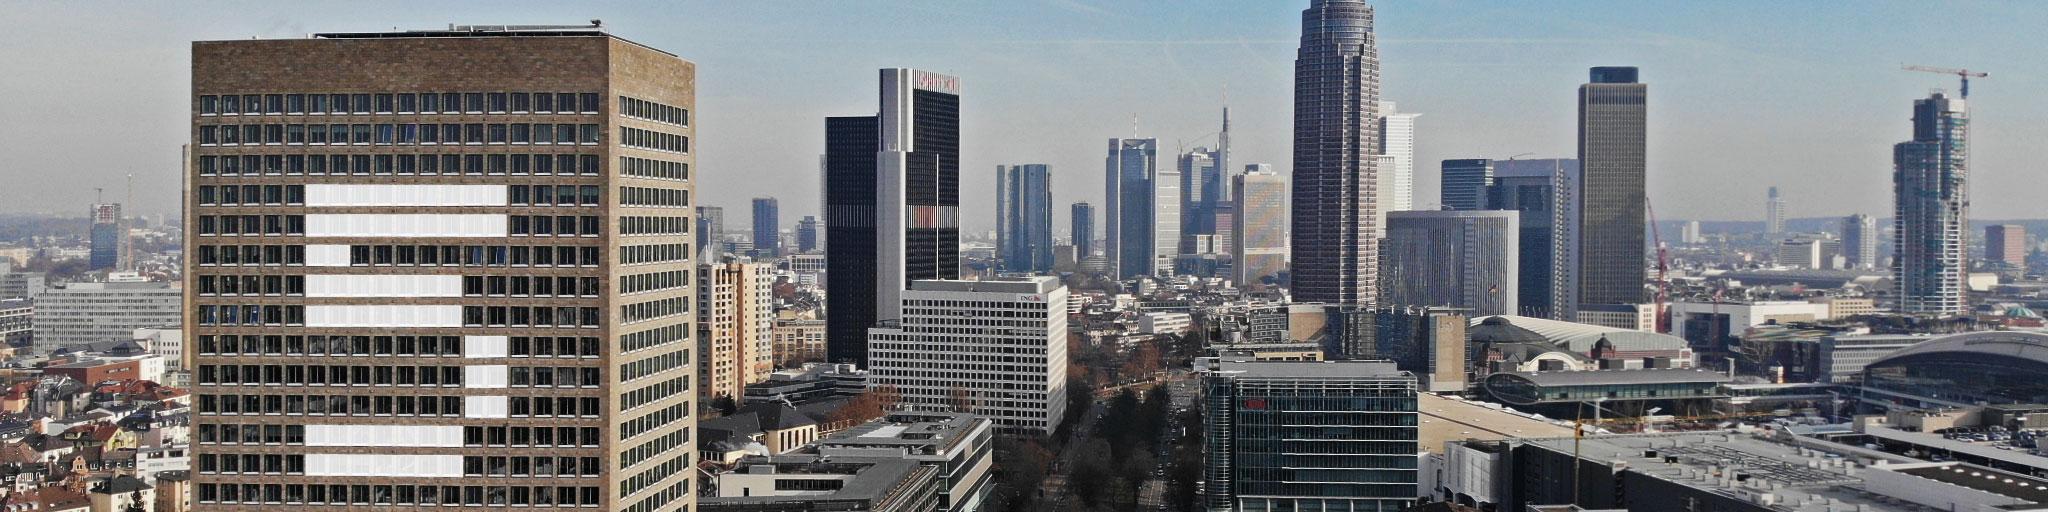 5 Fragen an - Kurzfilme - Interviews - Immobilienwirtschaft Frankfurt